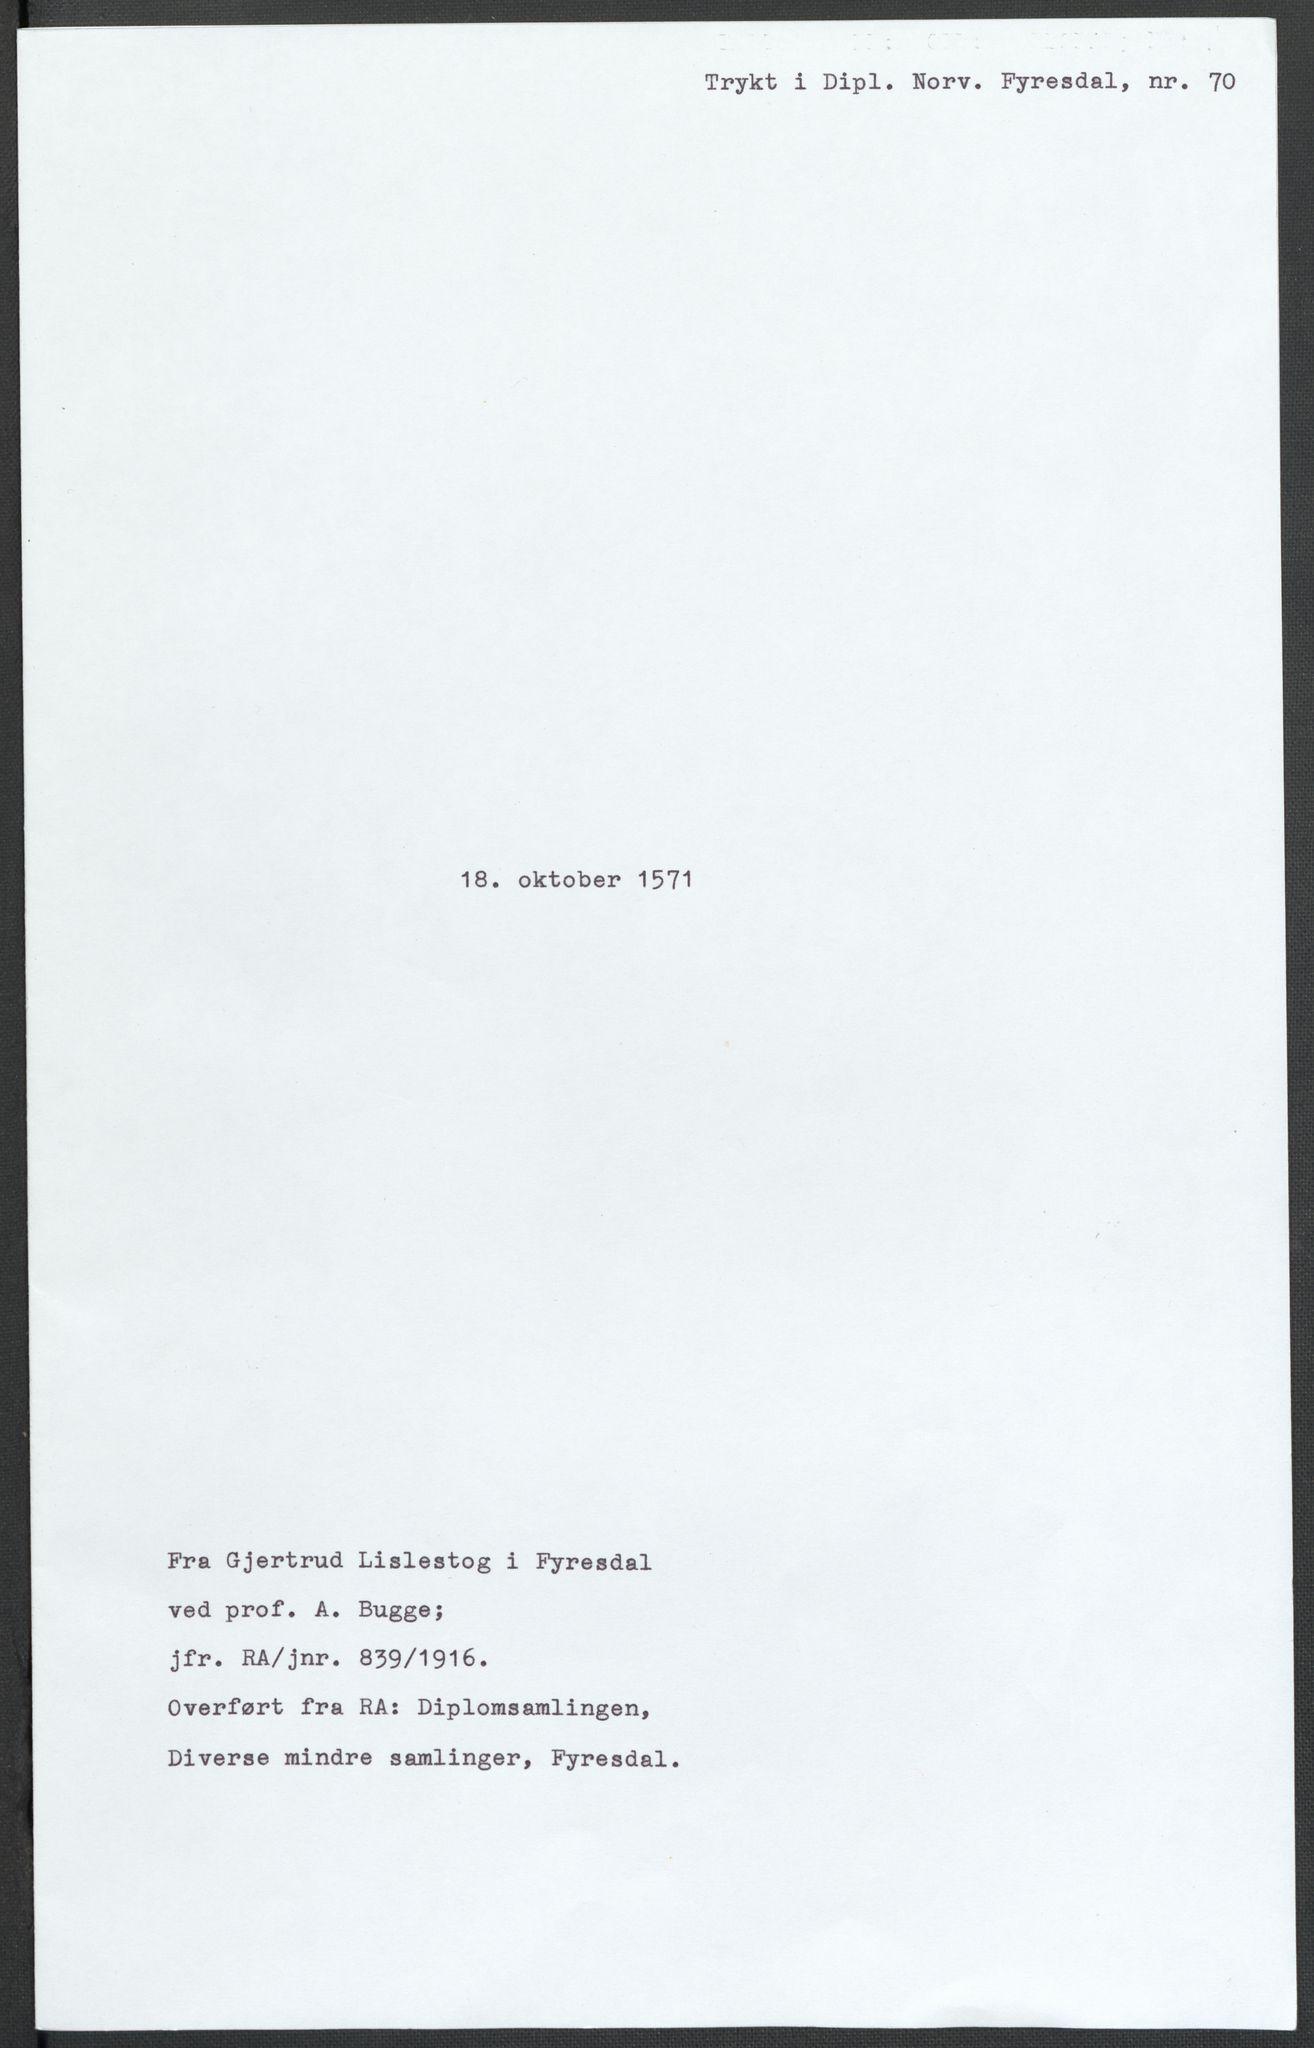 RA, Riksarkivets diplomsamling, F02/L0075: Dokumenter, 1570-1571, s. 65